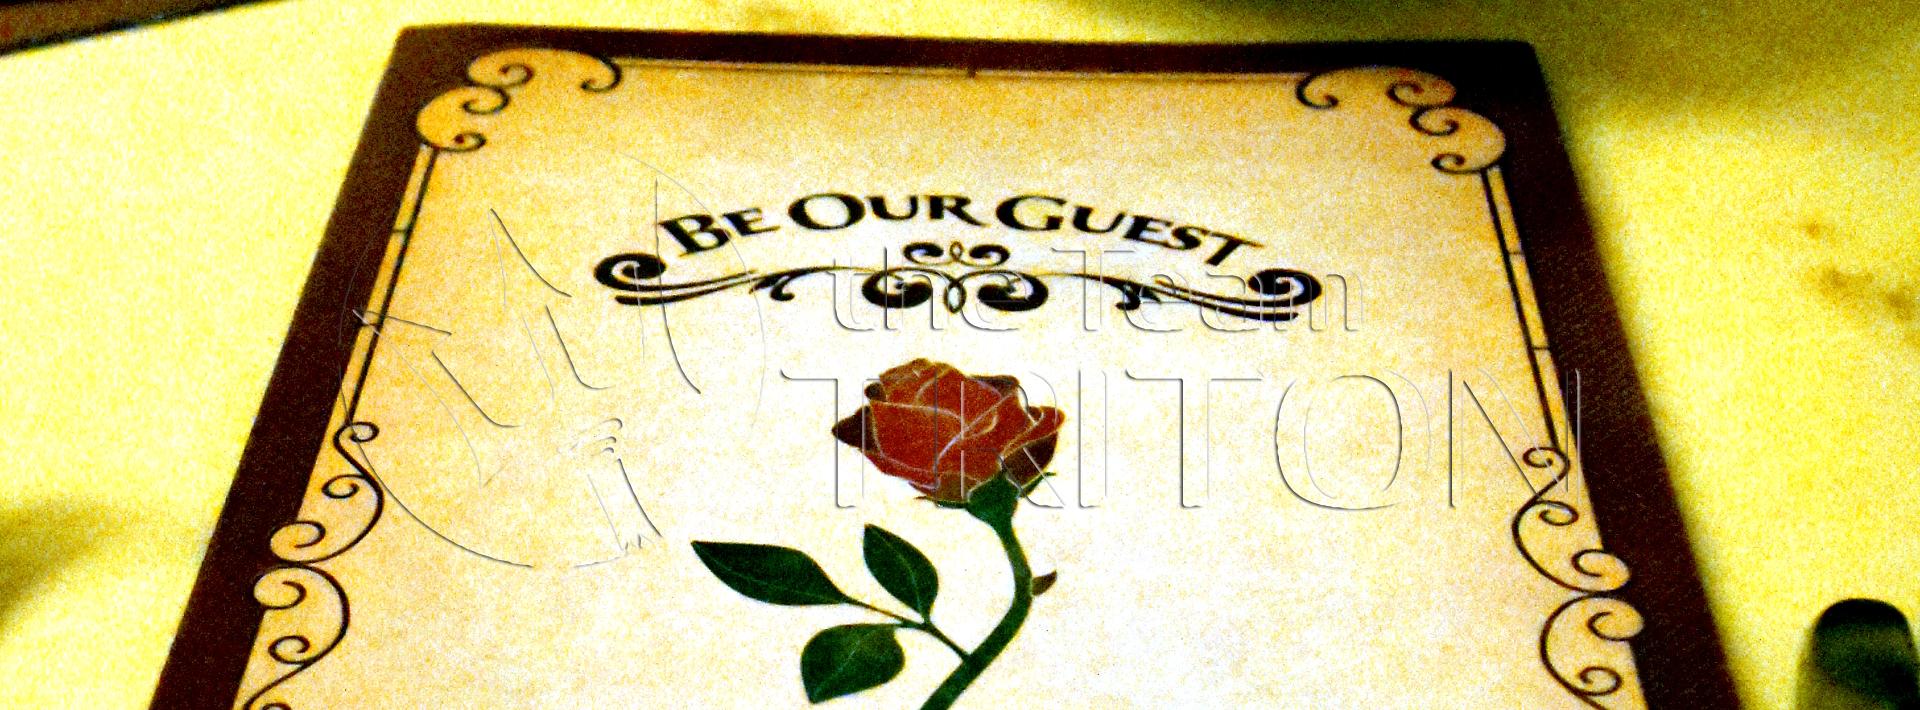 be-our-guest-restaurant-menu-face-001